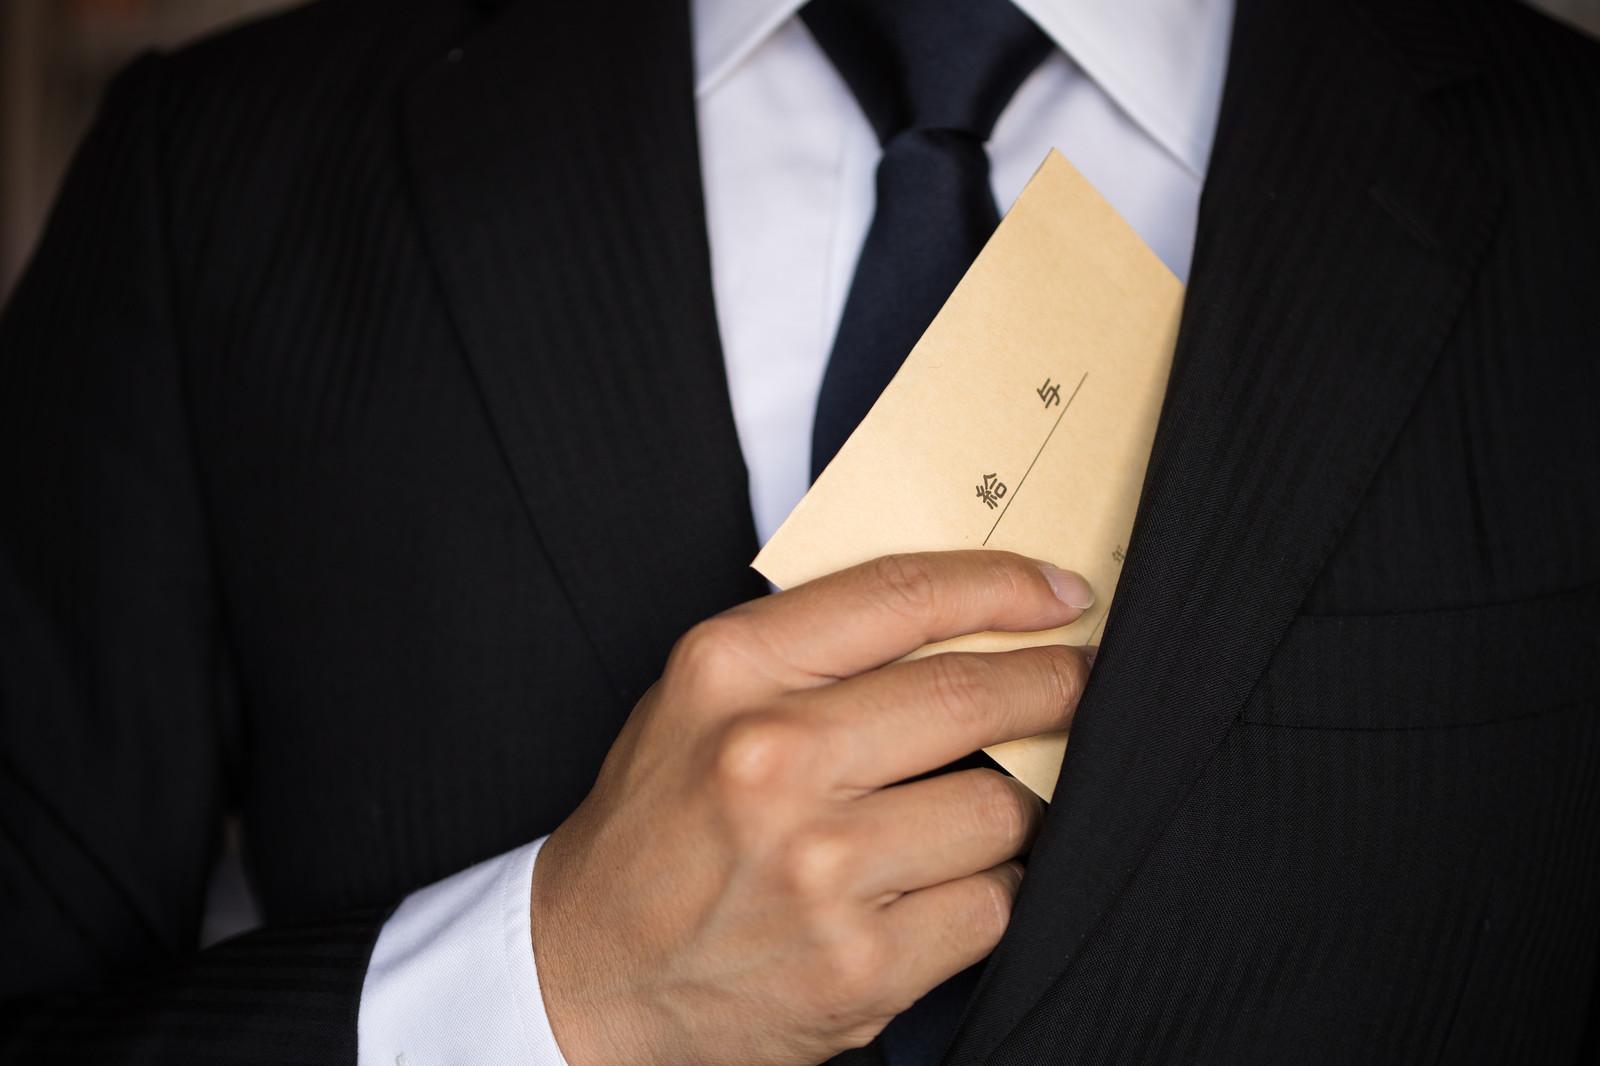 給料交渉はカンタン?転職で給料を交渉する4つの方法